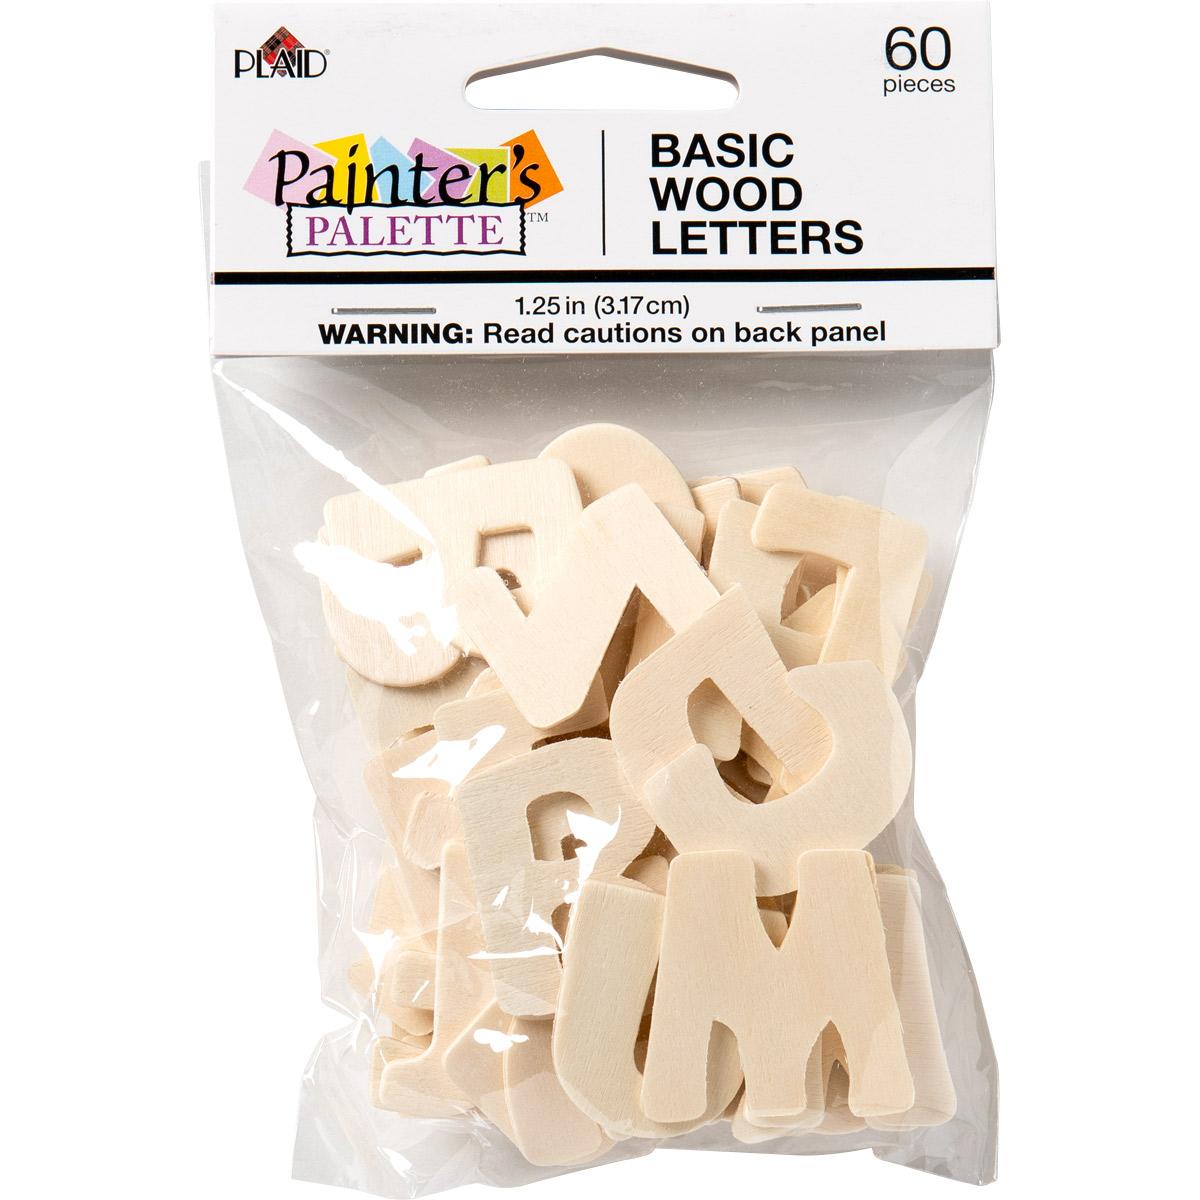 Plaid ® Painter's Palette™ Wood Letters, 1.25 inch, 60 pcs. - 23253